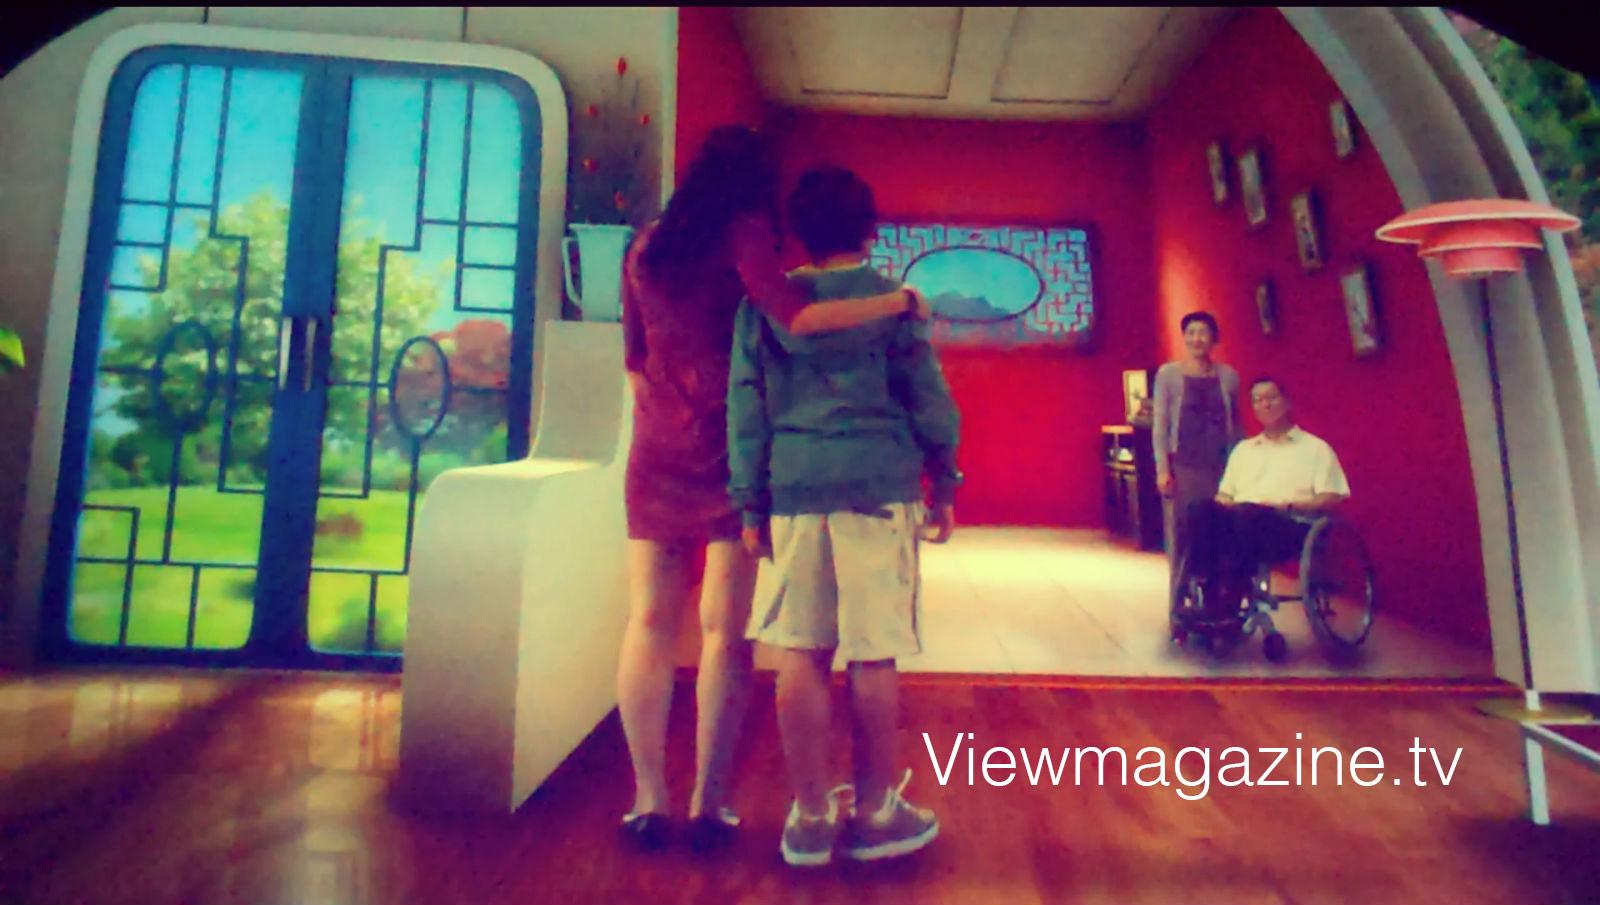 viewmagazine_china